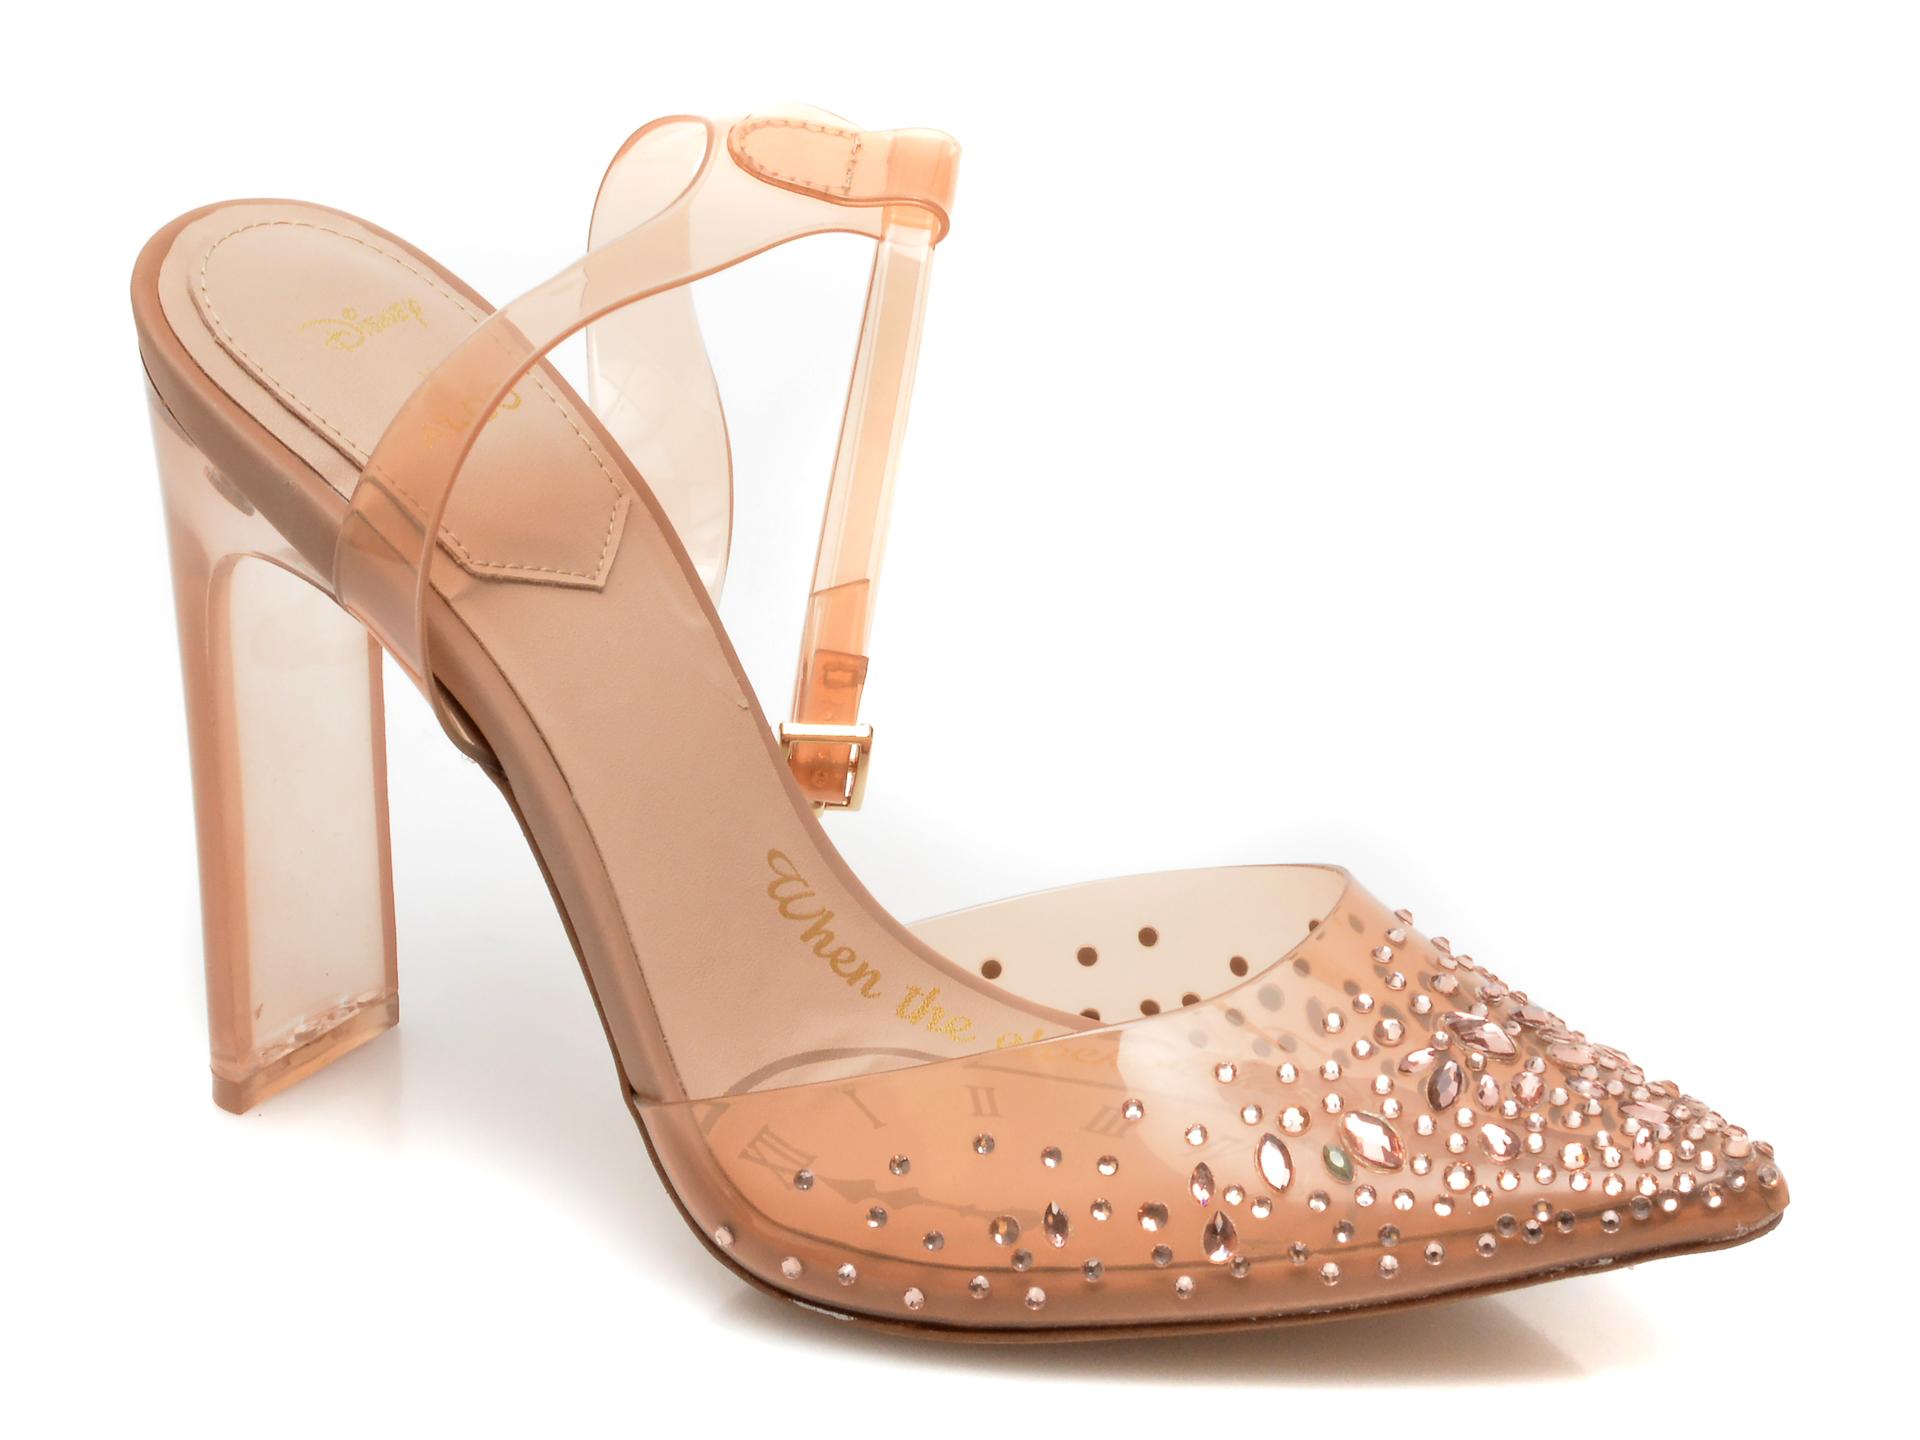 Pantofi Aldo Nude, 13350912, Din Pvc